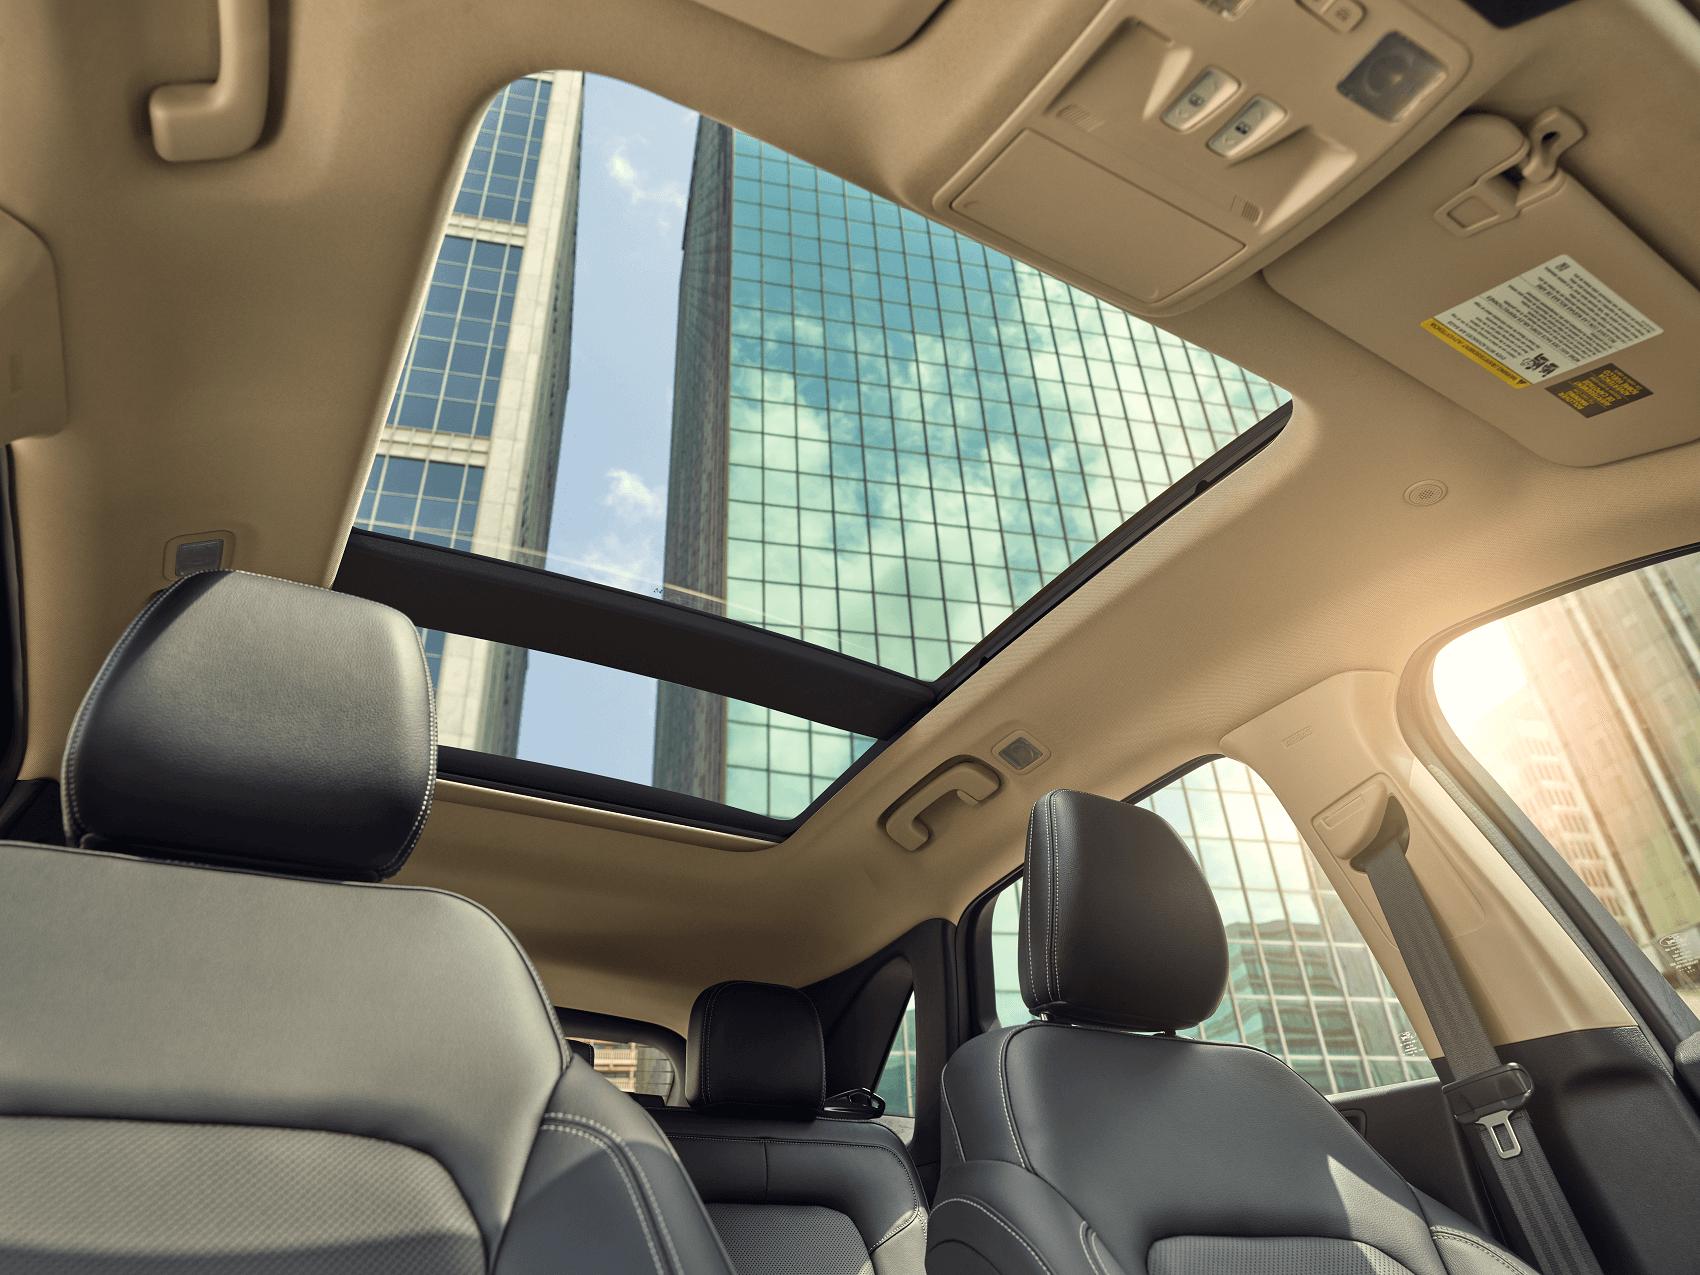 Ford Escape Interior Dimensions